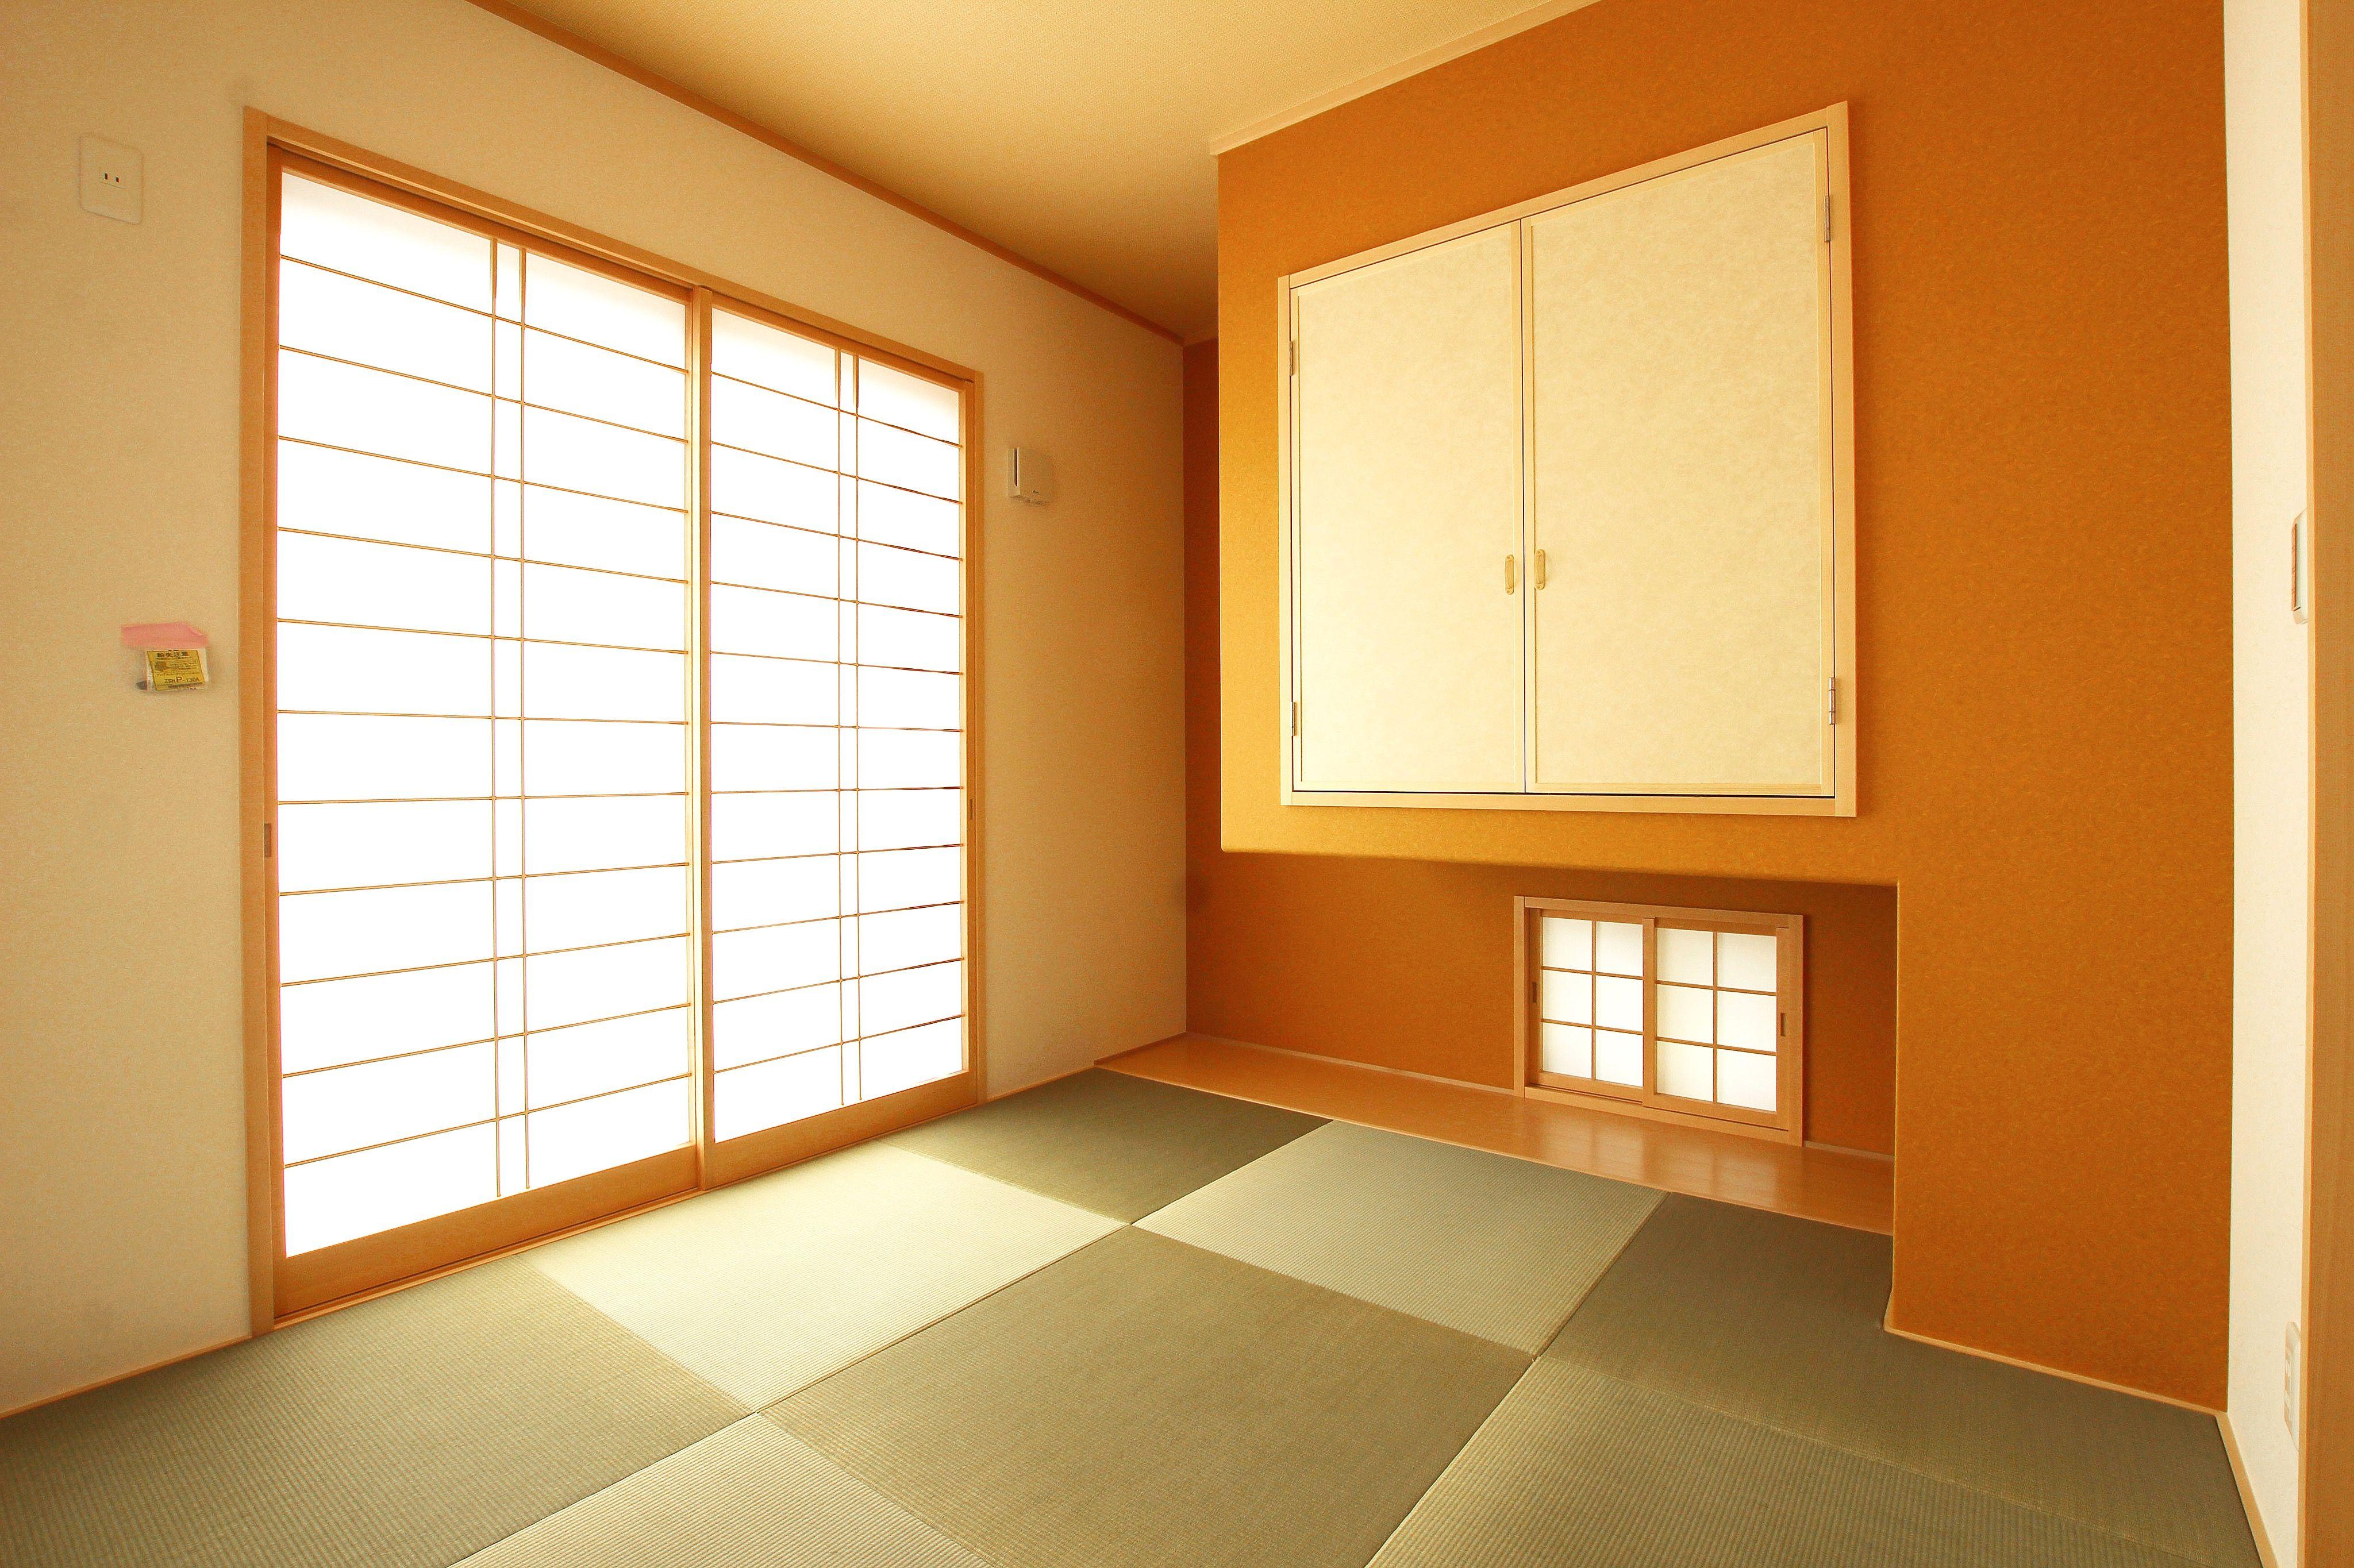 印象が強いオレンジ色のデザイン壁が畳のカラーを吸収して コーディネートがまとまりやすくなります 採光の光で温かみがました和室は 家族がゆったりと寛げる癒しの空間です 和室 デザイン壁 オレンジ Orange Collar コーディネート モダン 癒しの空間 和風